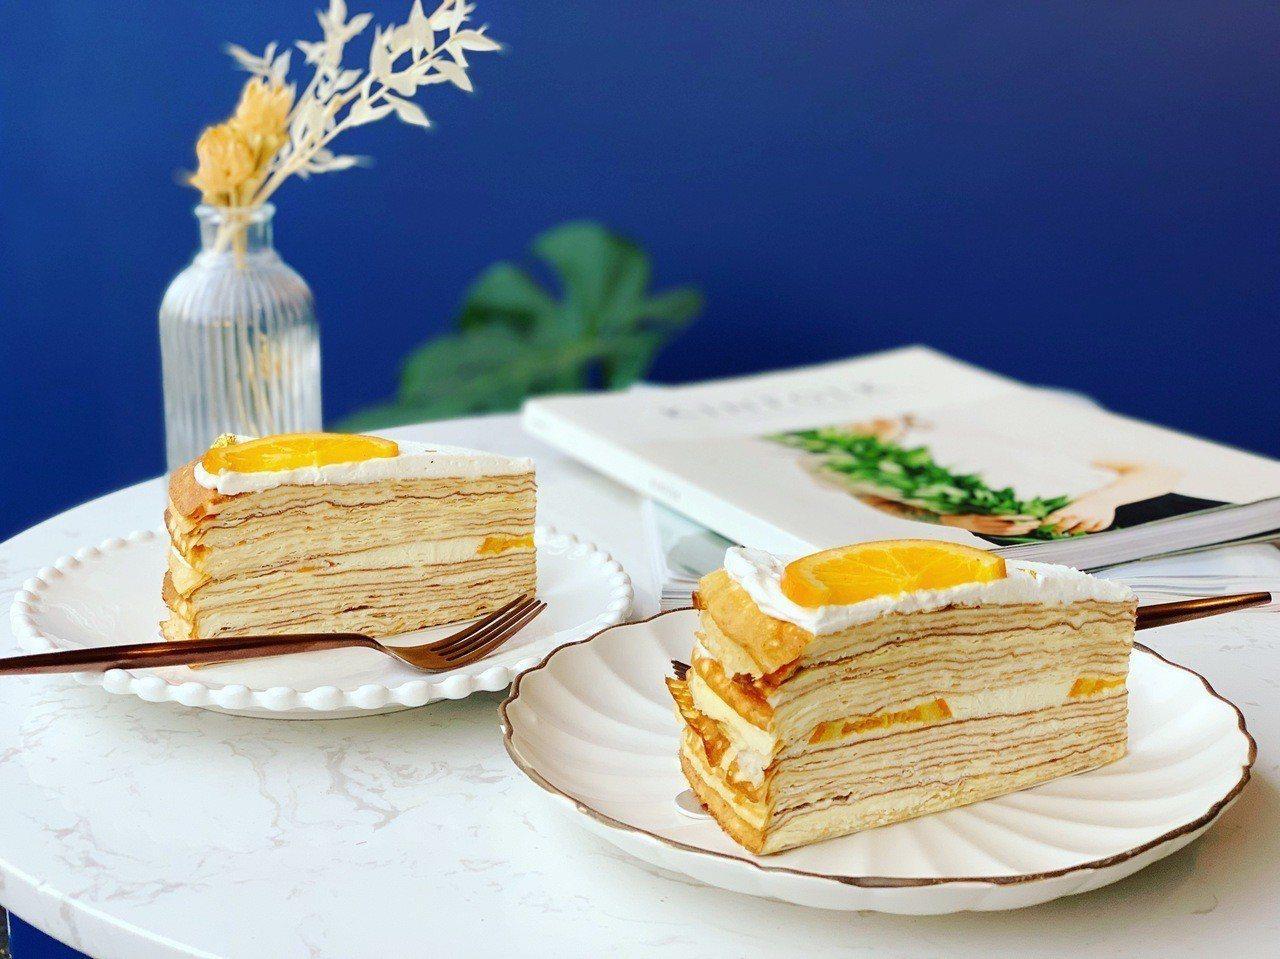 原預計5/13開放訂購的新口味「橙花香丁」無預警停賣。記者張芳瑜/攝影